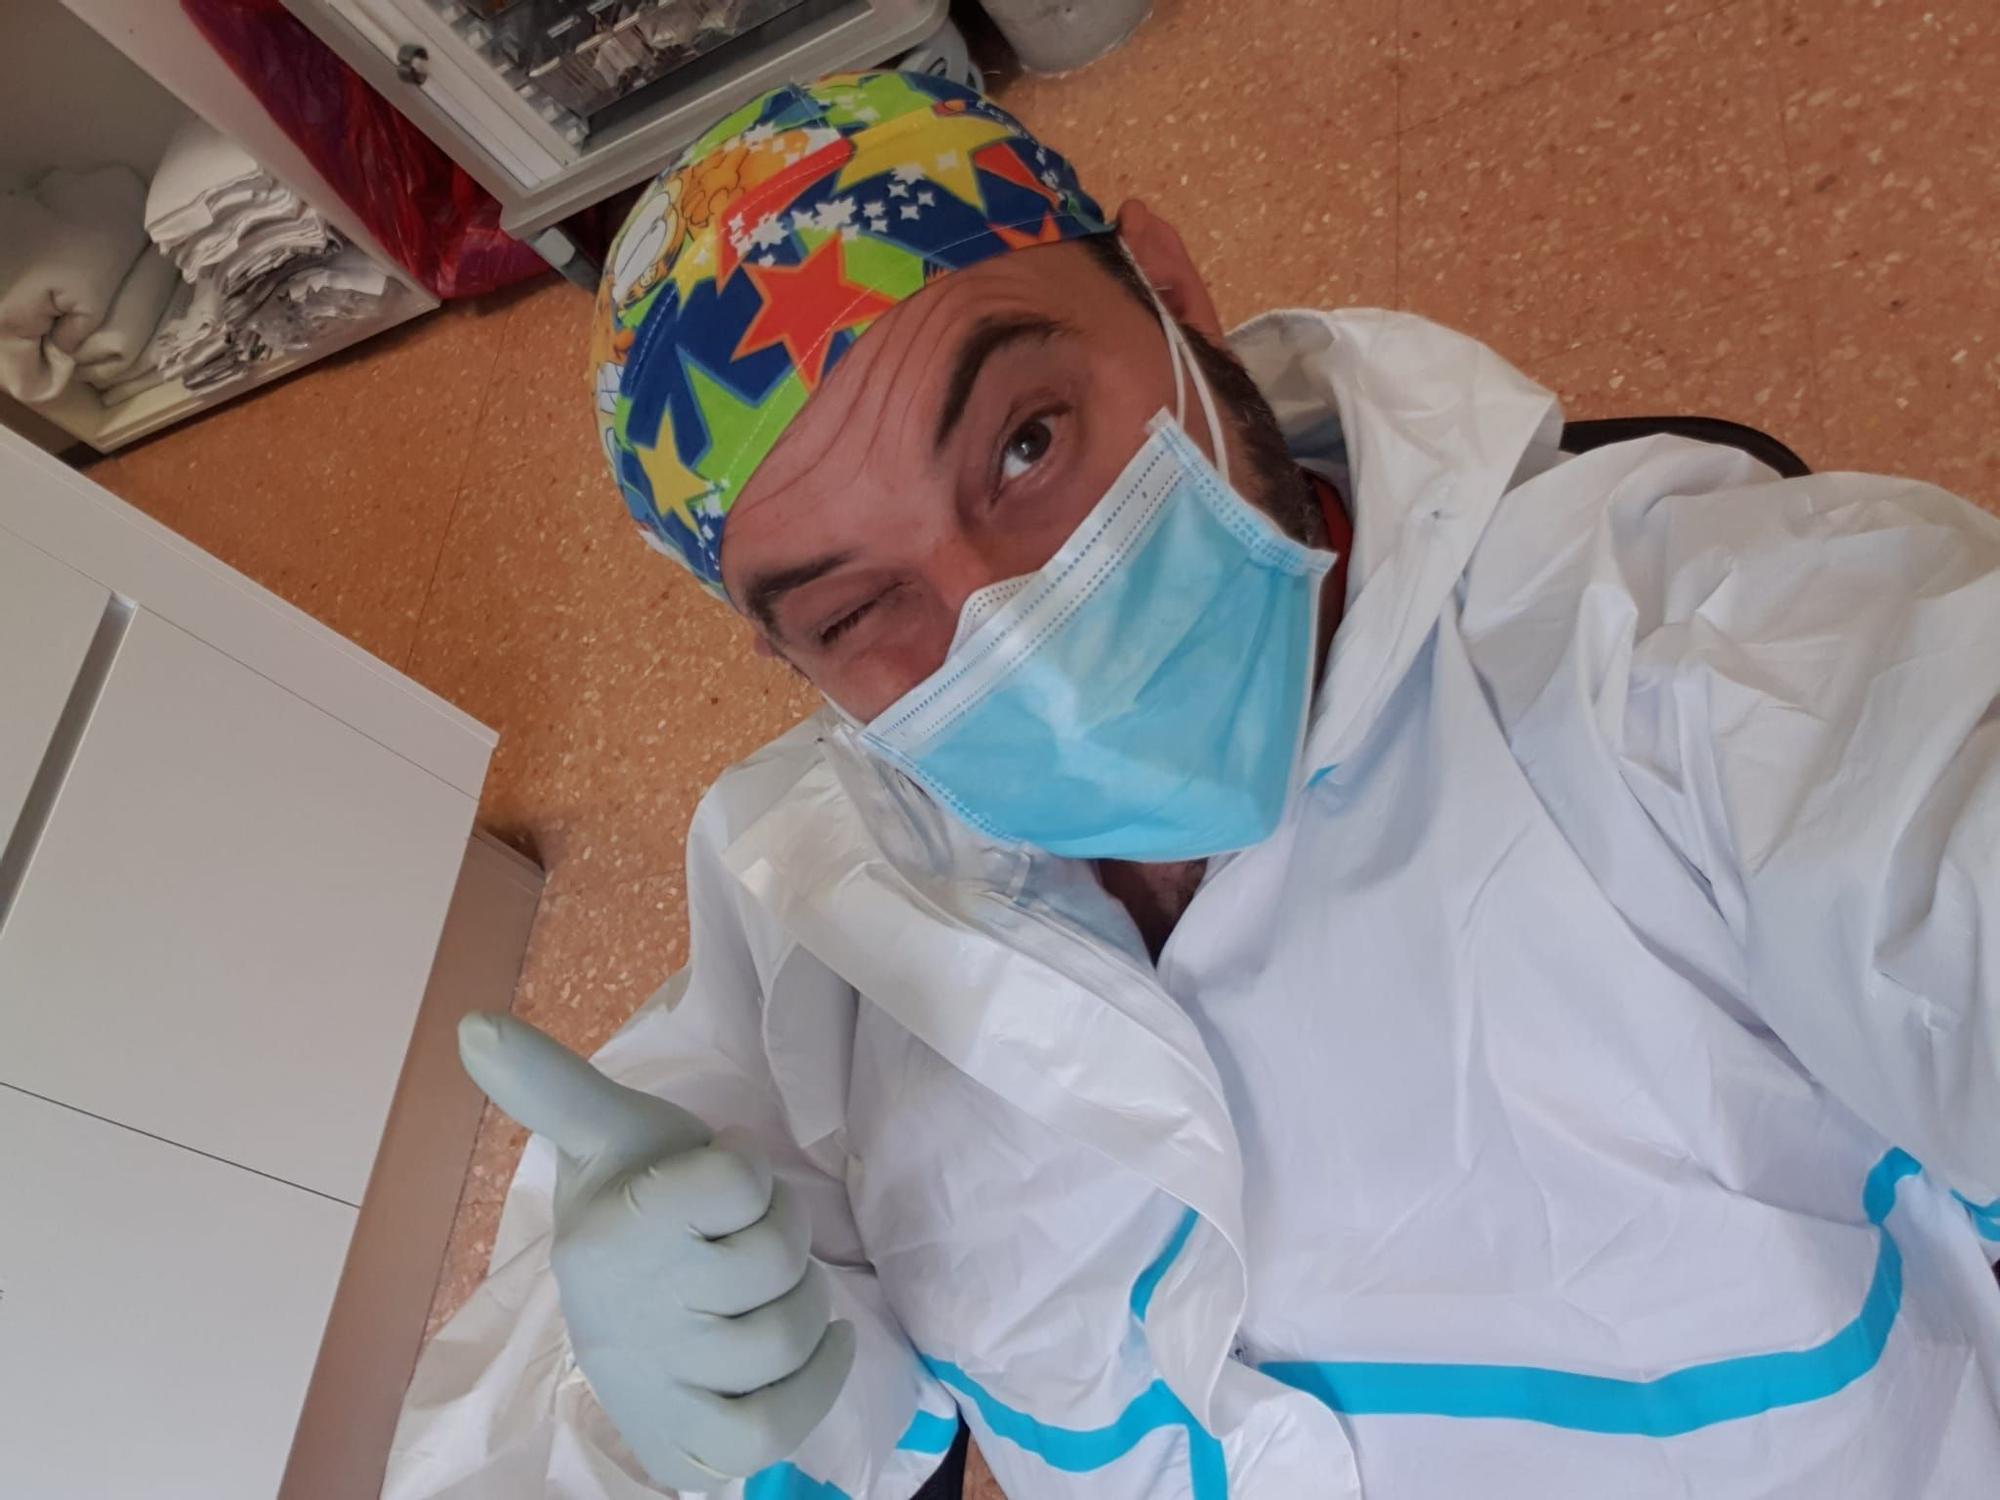 El mundo de las Fallas participa en la lucha contra la pandemia desde el sector sanitario